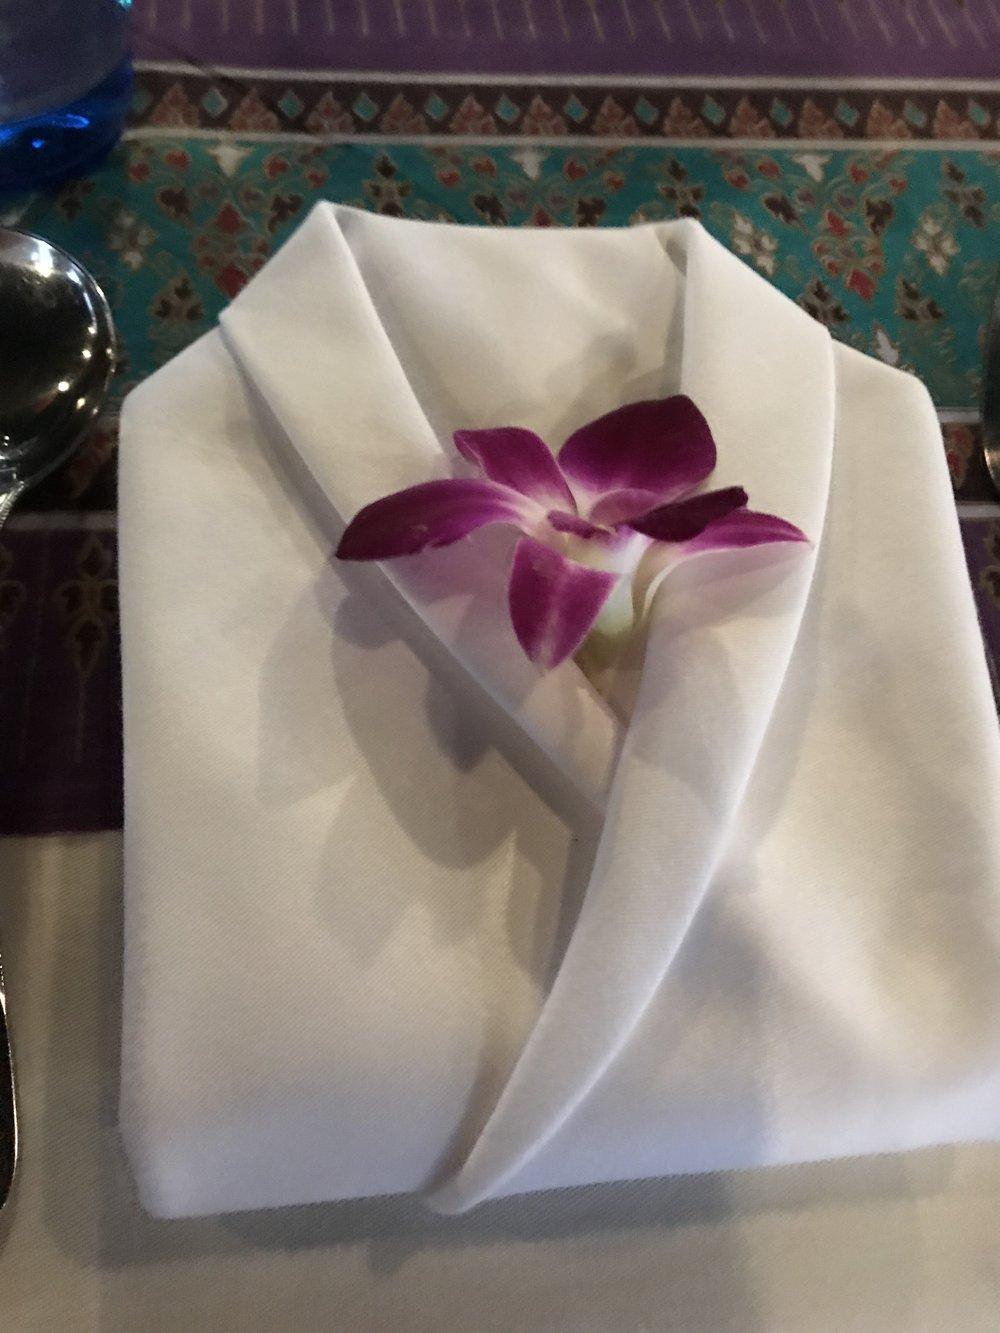 Robe & orchid flower.jpg*.jpg